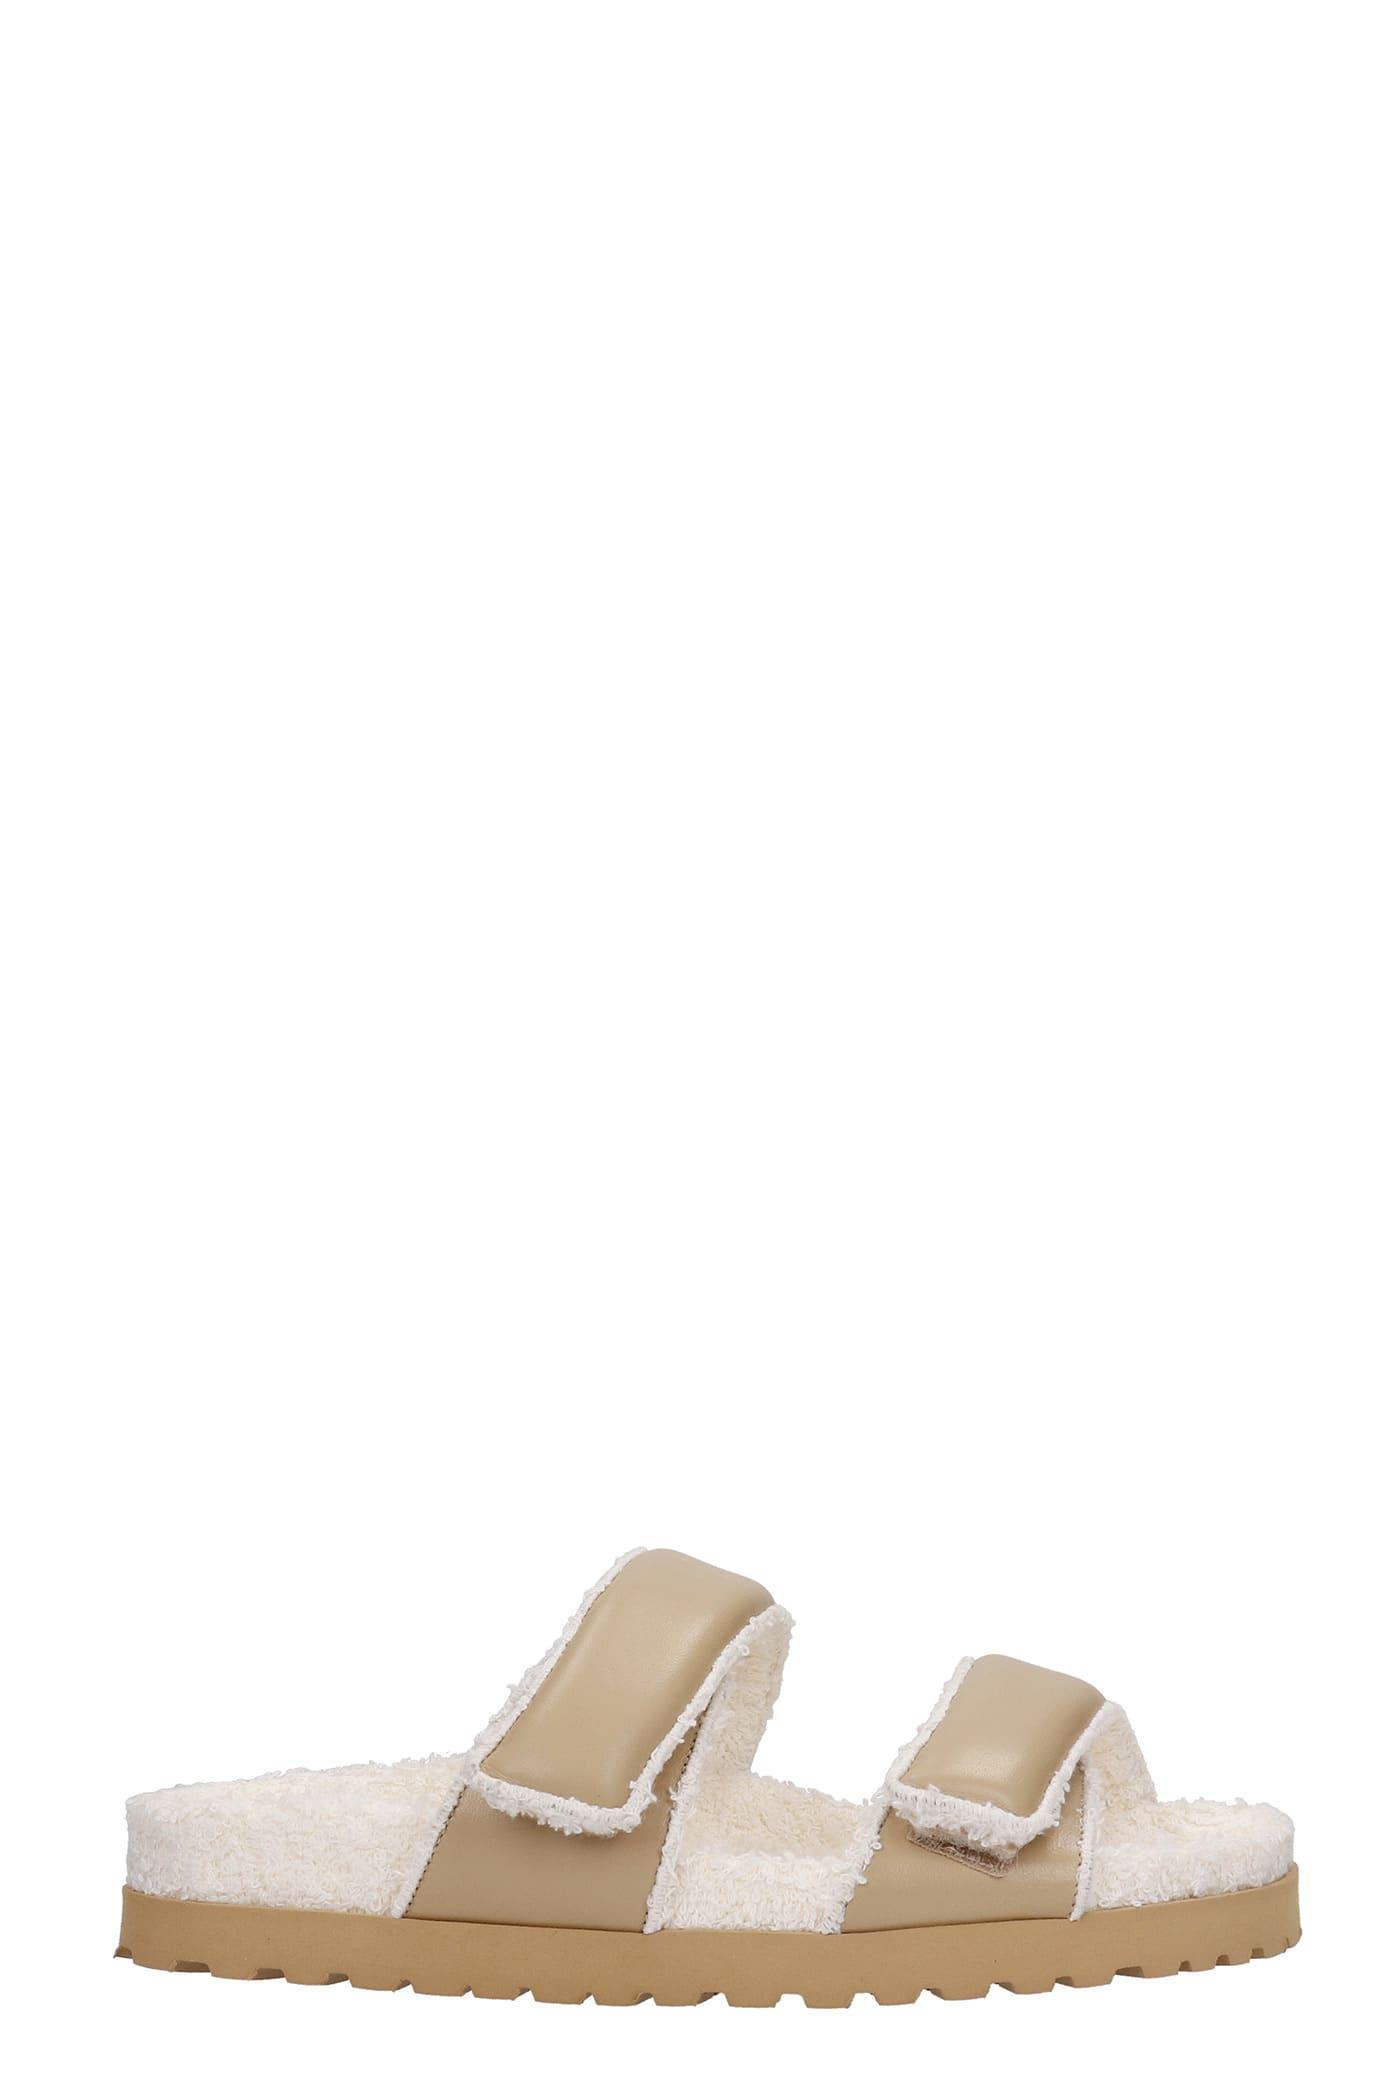 Gia X Pernille Teisbaek Perni 11 Flats In Beige Leather